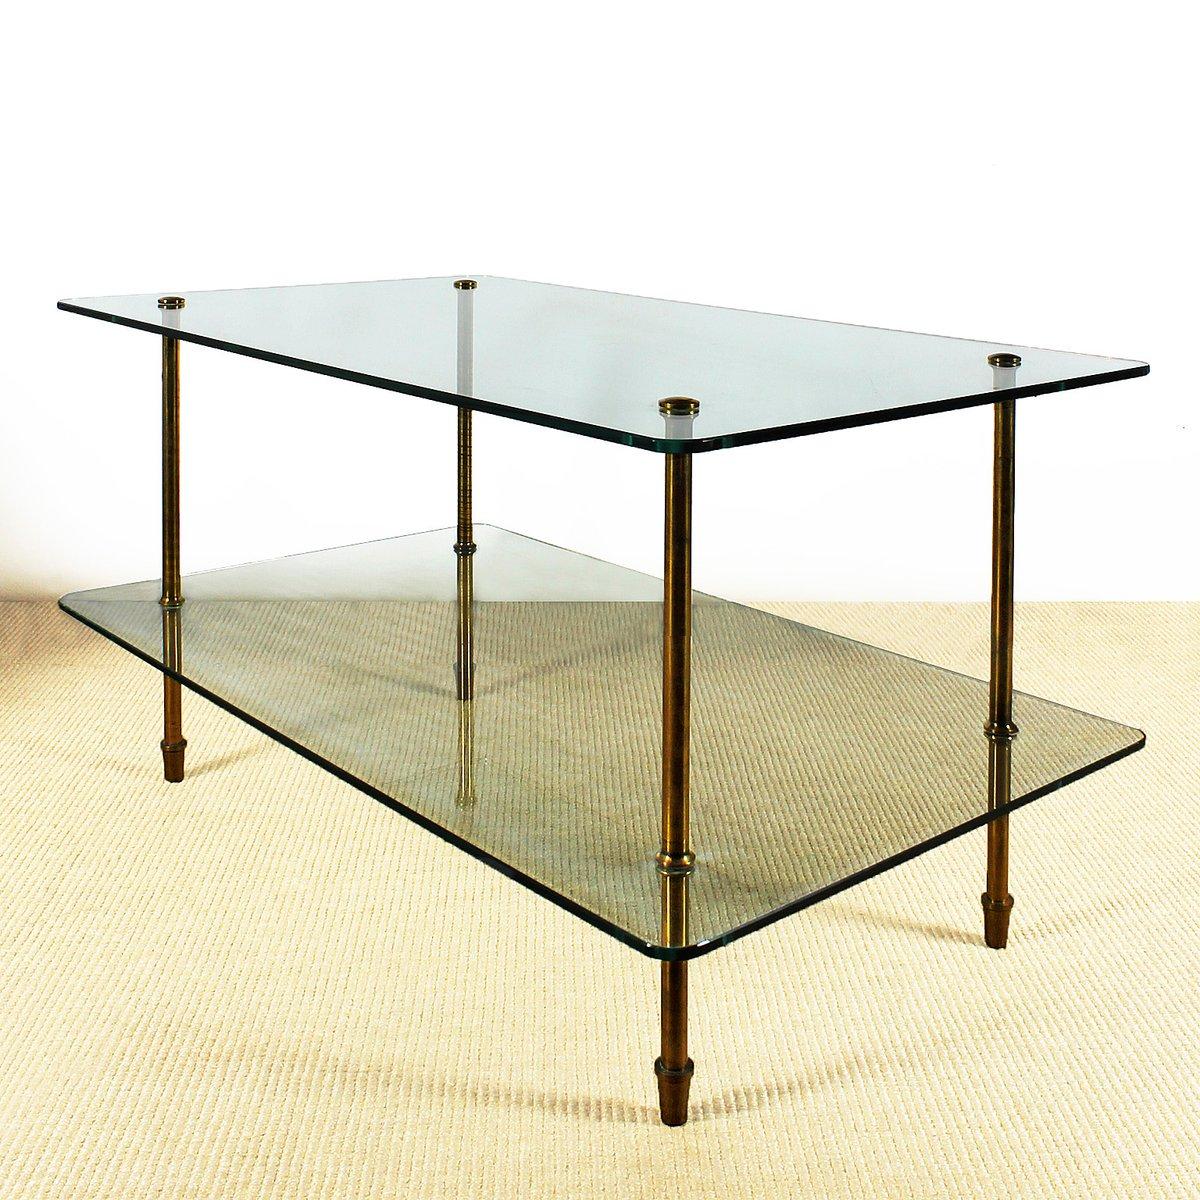 italienischer glas beistelltisch 1940er bei pamono kaufen. Black Bedroom Furniture Sets. Home Design Ideas